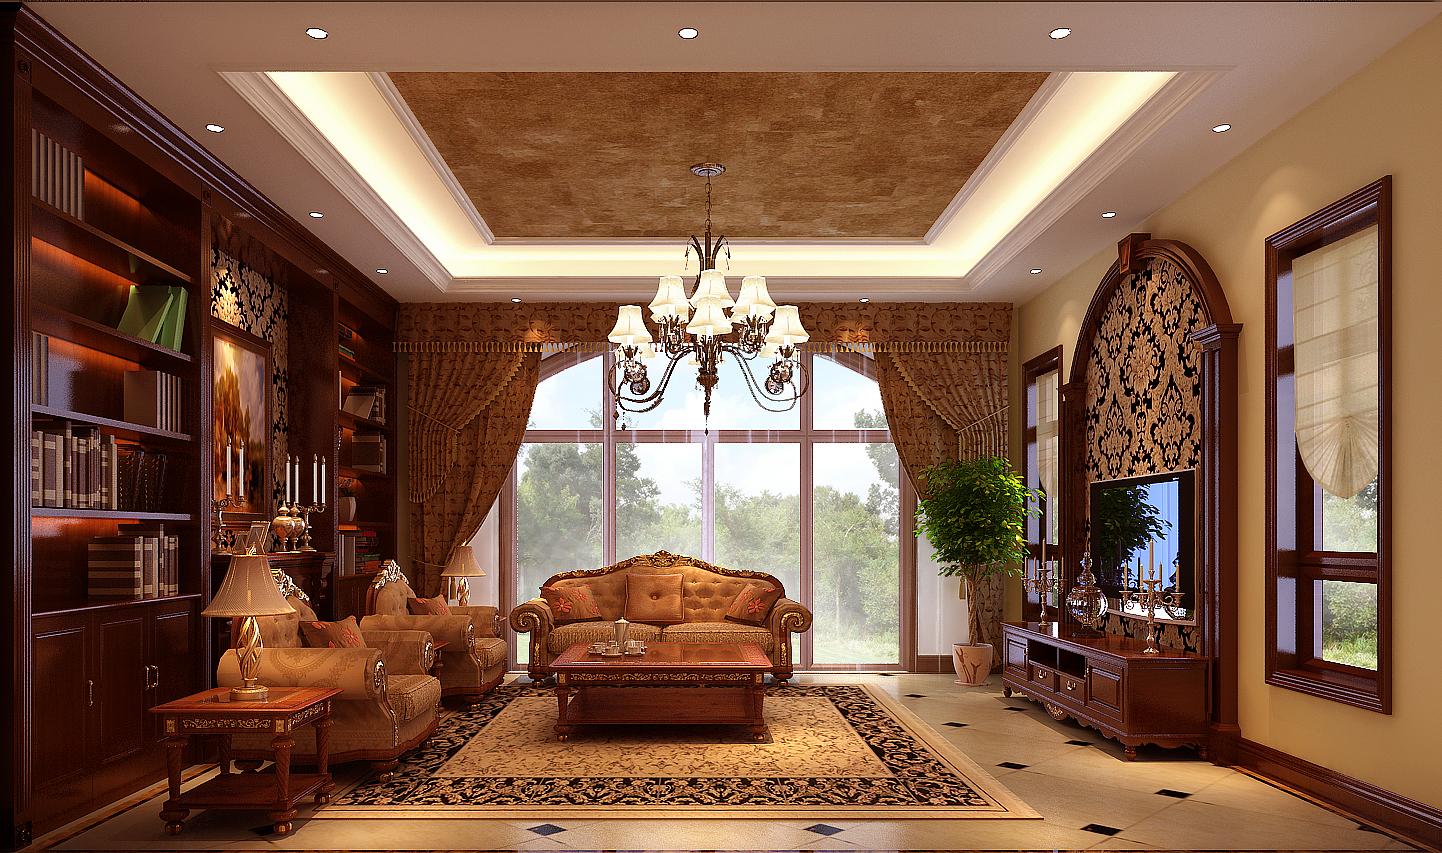 欧式 别墅 豪华图片来自北京高度国际装饰在377平米欧式古典豪华大别墅的分享